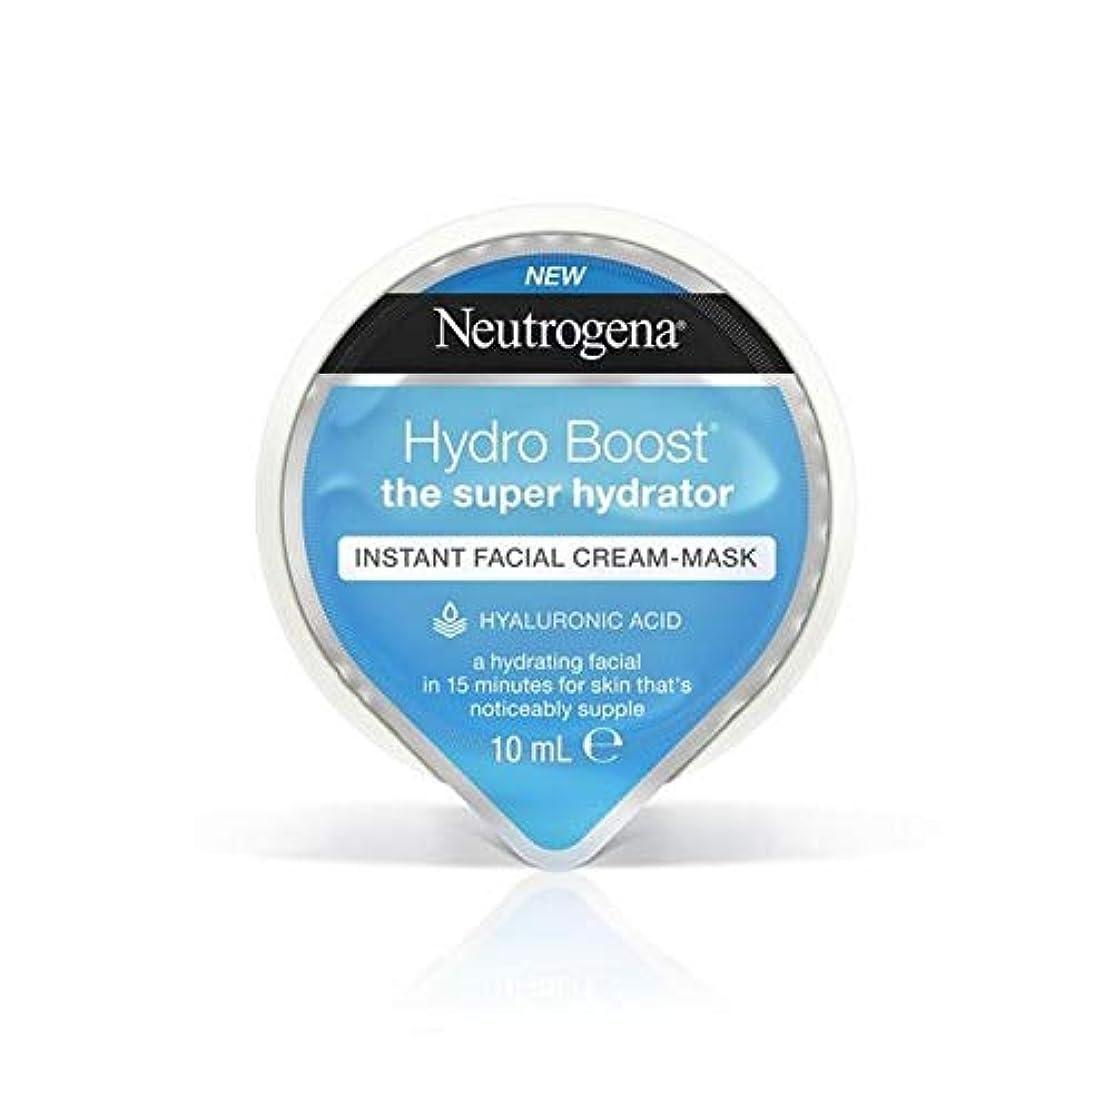 原因アクロバット株式会社[Neutrogena] ニュートロジーナ水力発電は、インスタントフェイシャルクリームマスク10ミリリットルを後押し - Neutrogena Hydro Boost Instant Facial Cream Mask 10ml [並行輸入品]